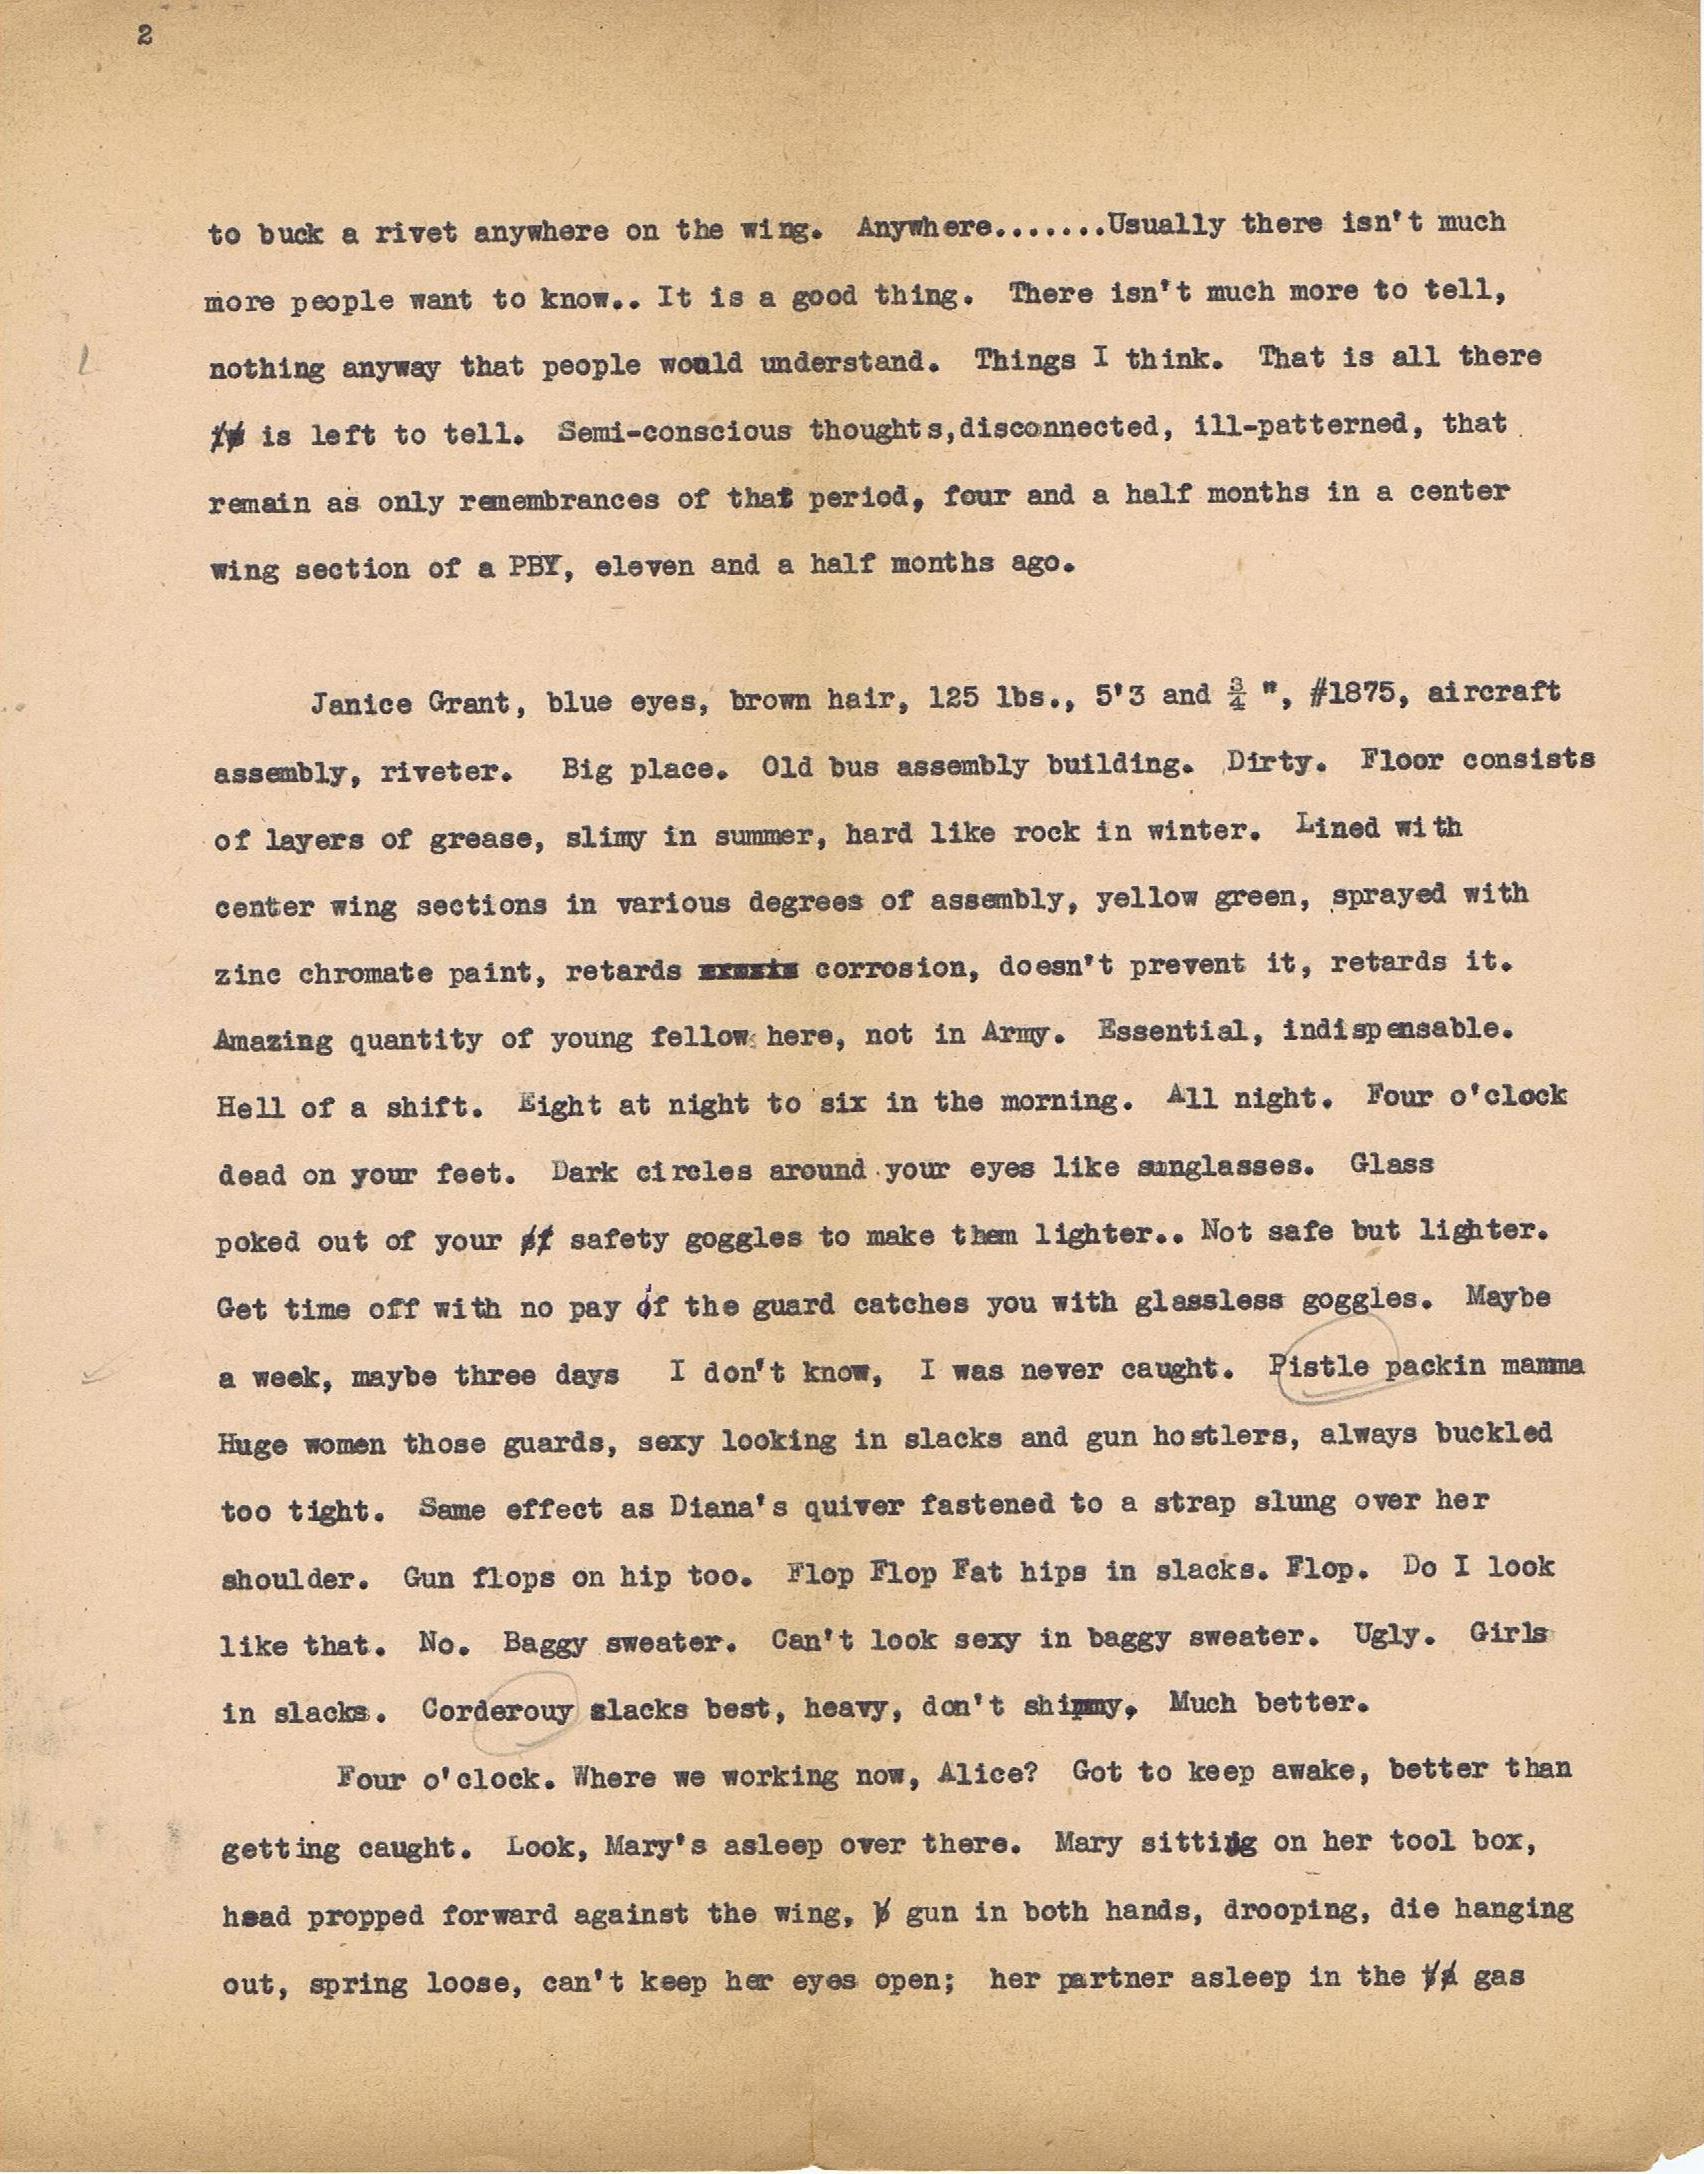 jan-essay-pg-2